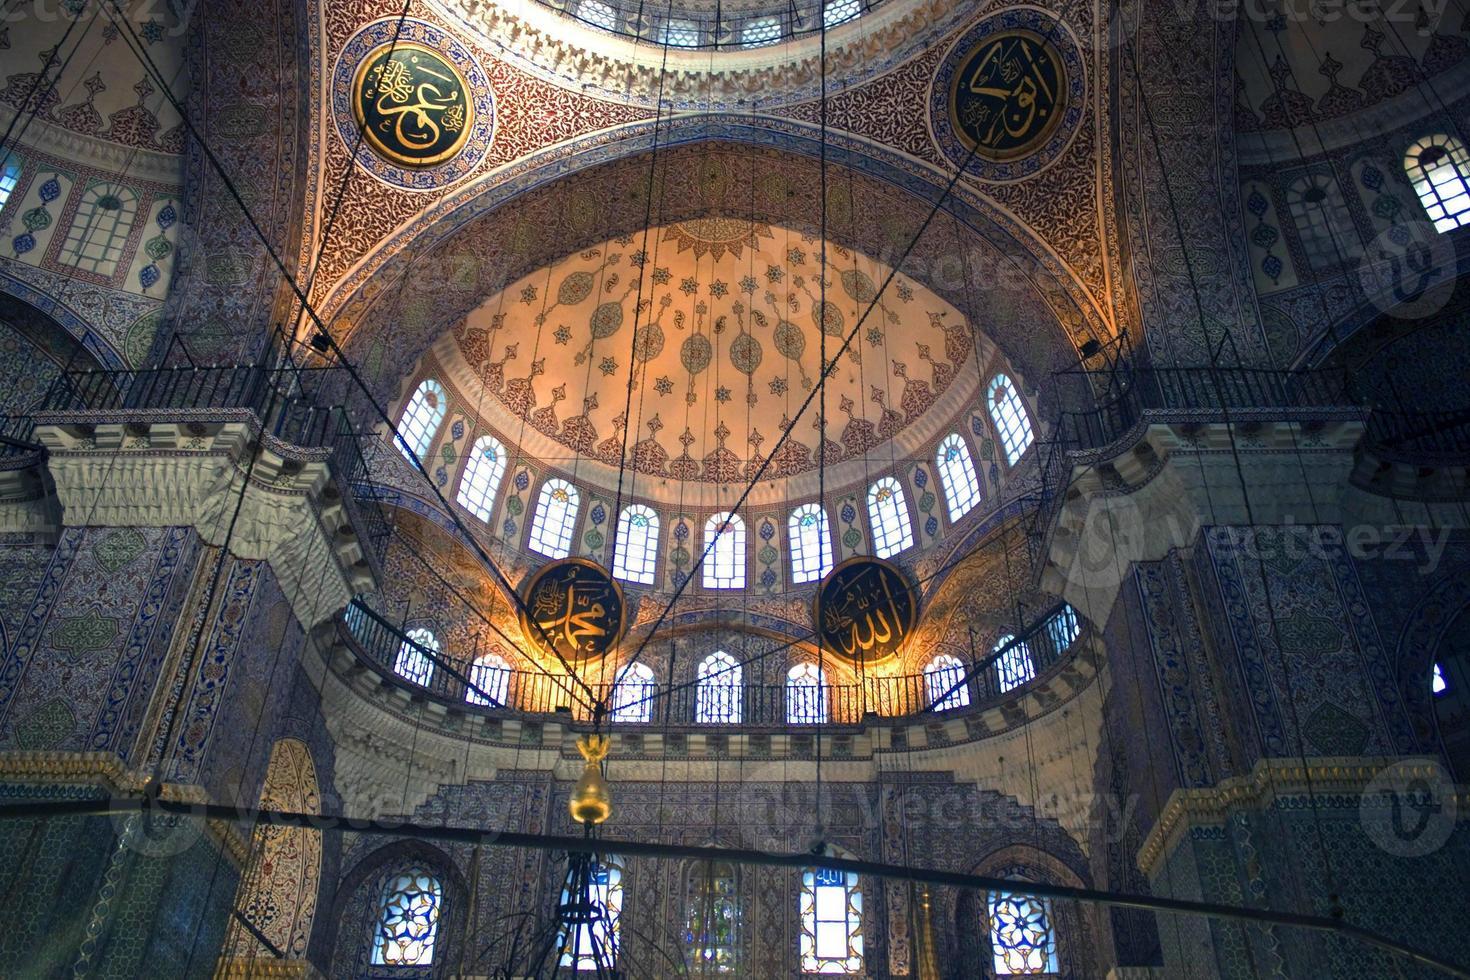 Kuppel der neuen Moschee in Istanbul foto